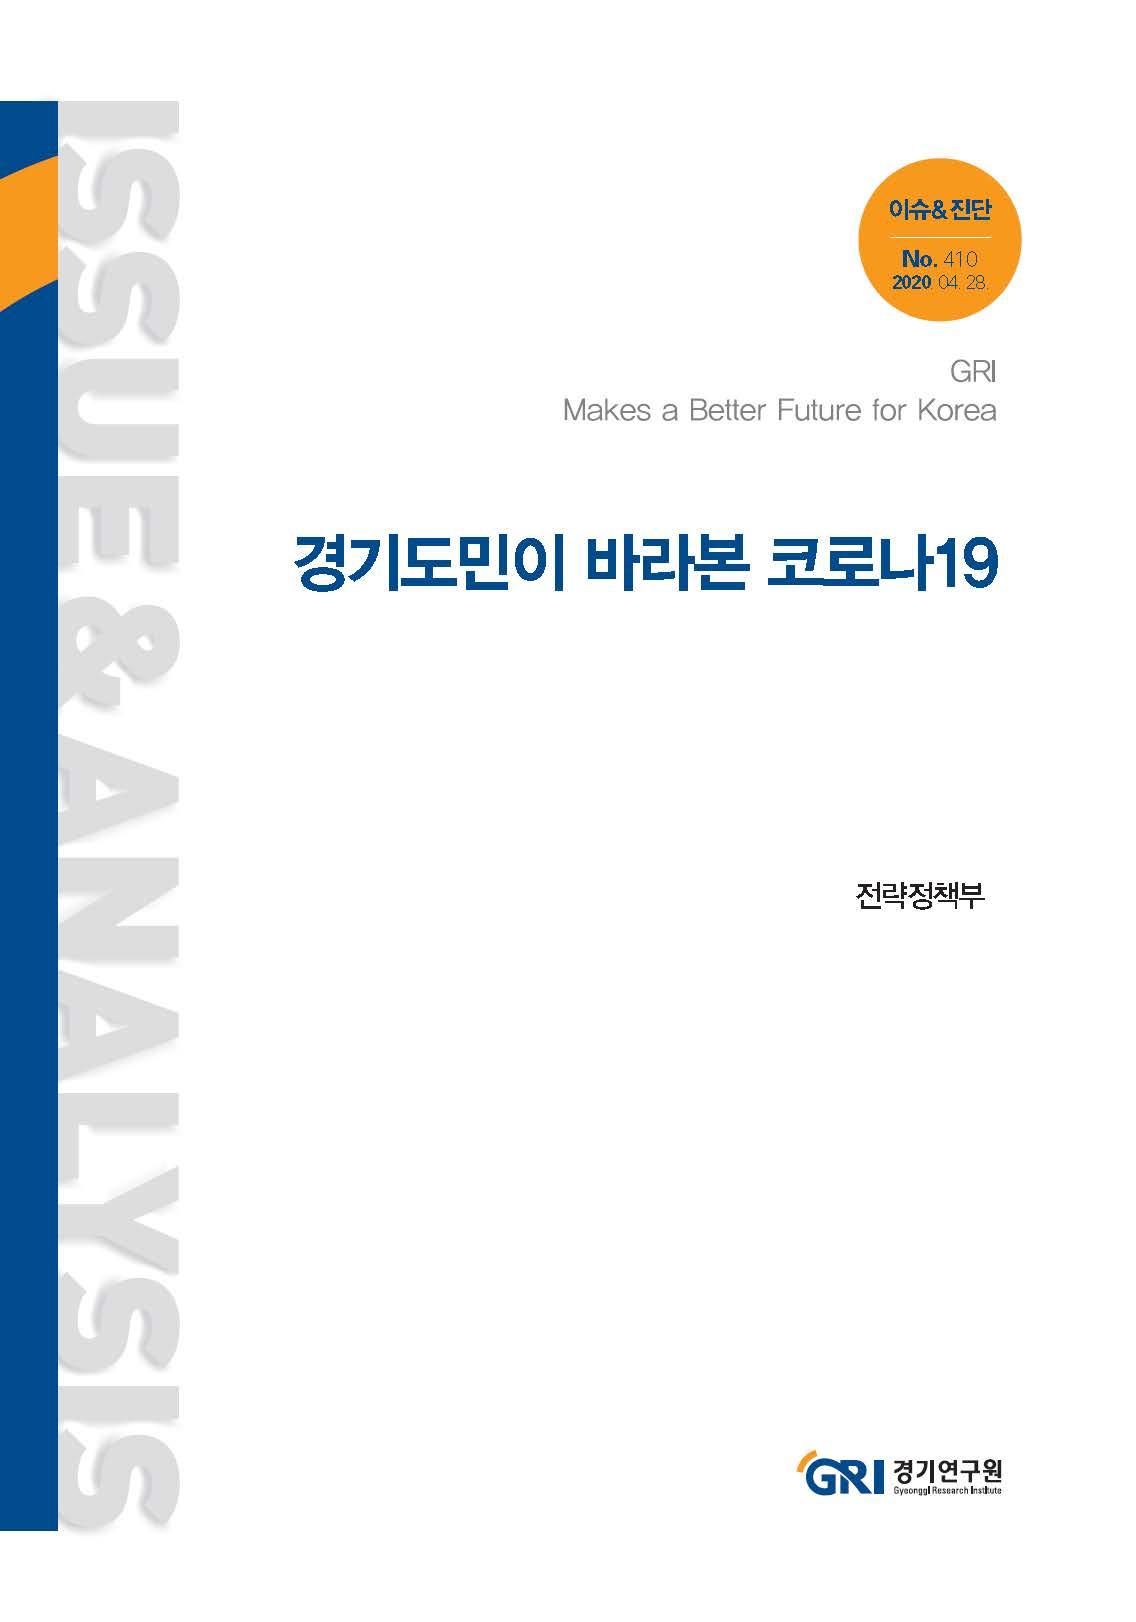 경기도민이 바라본 코로나19 image